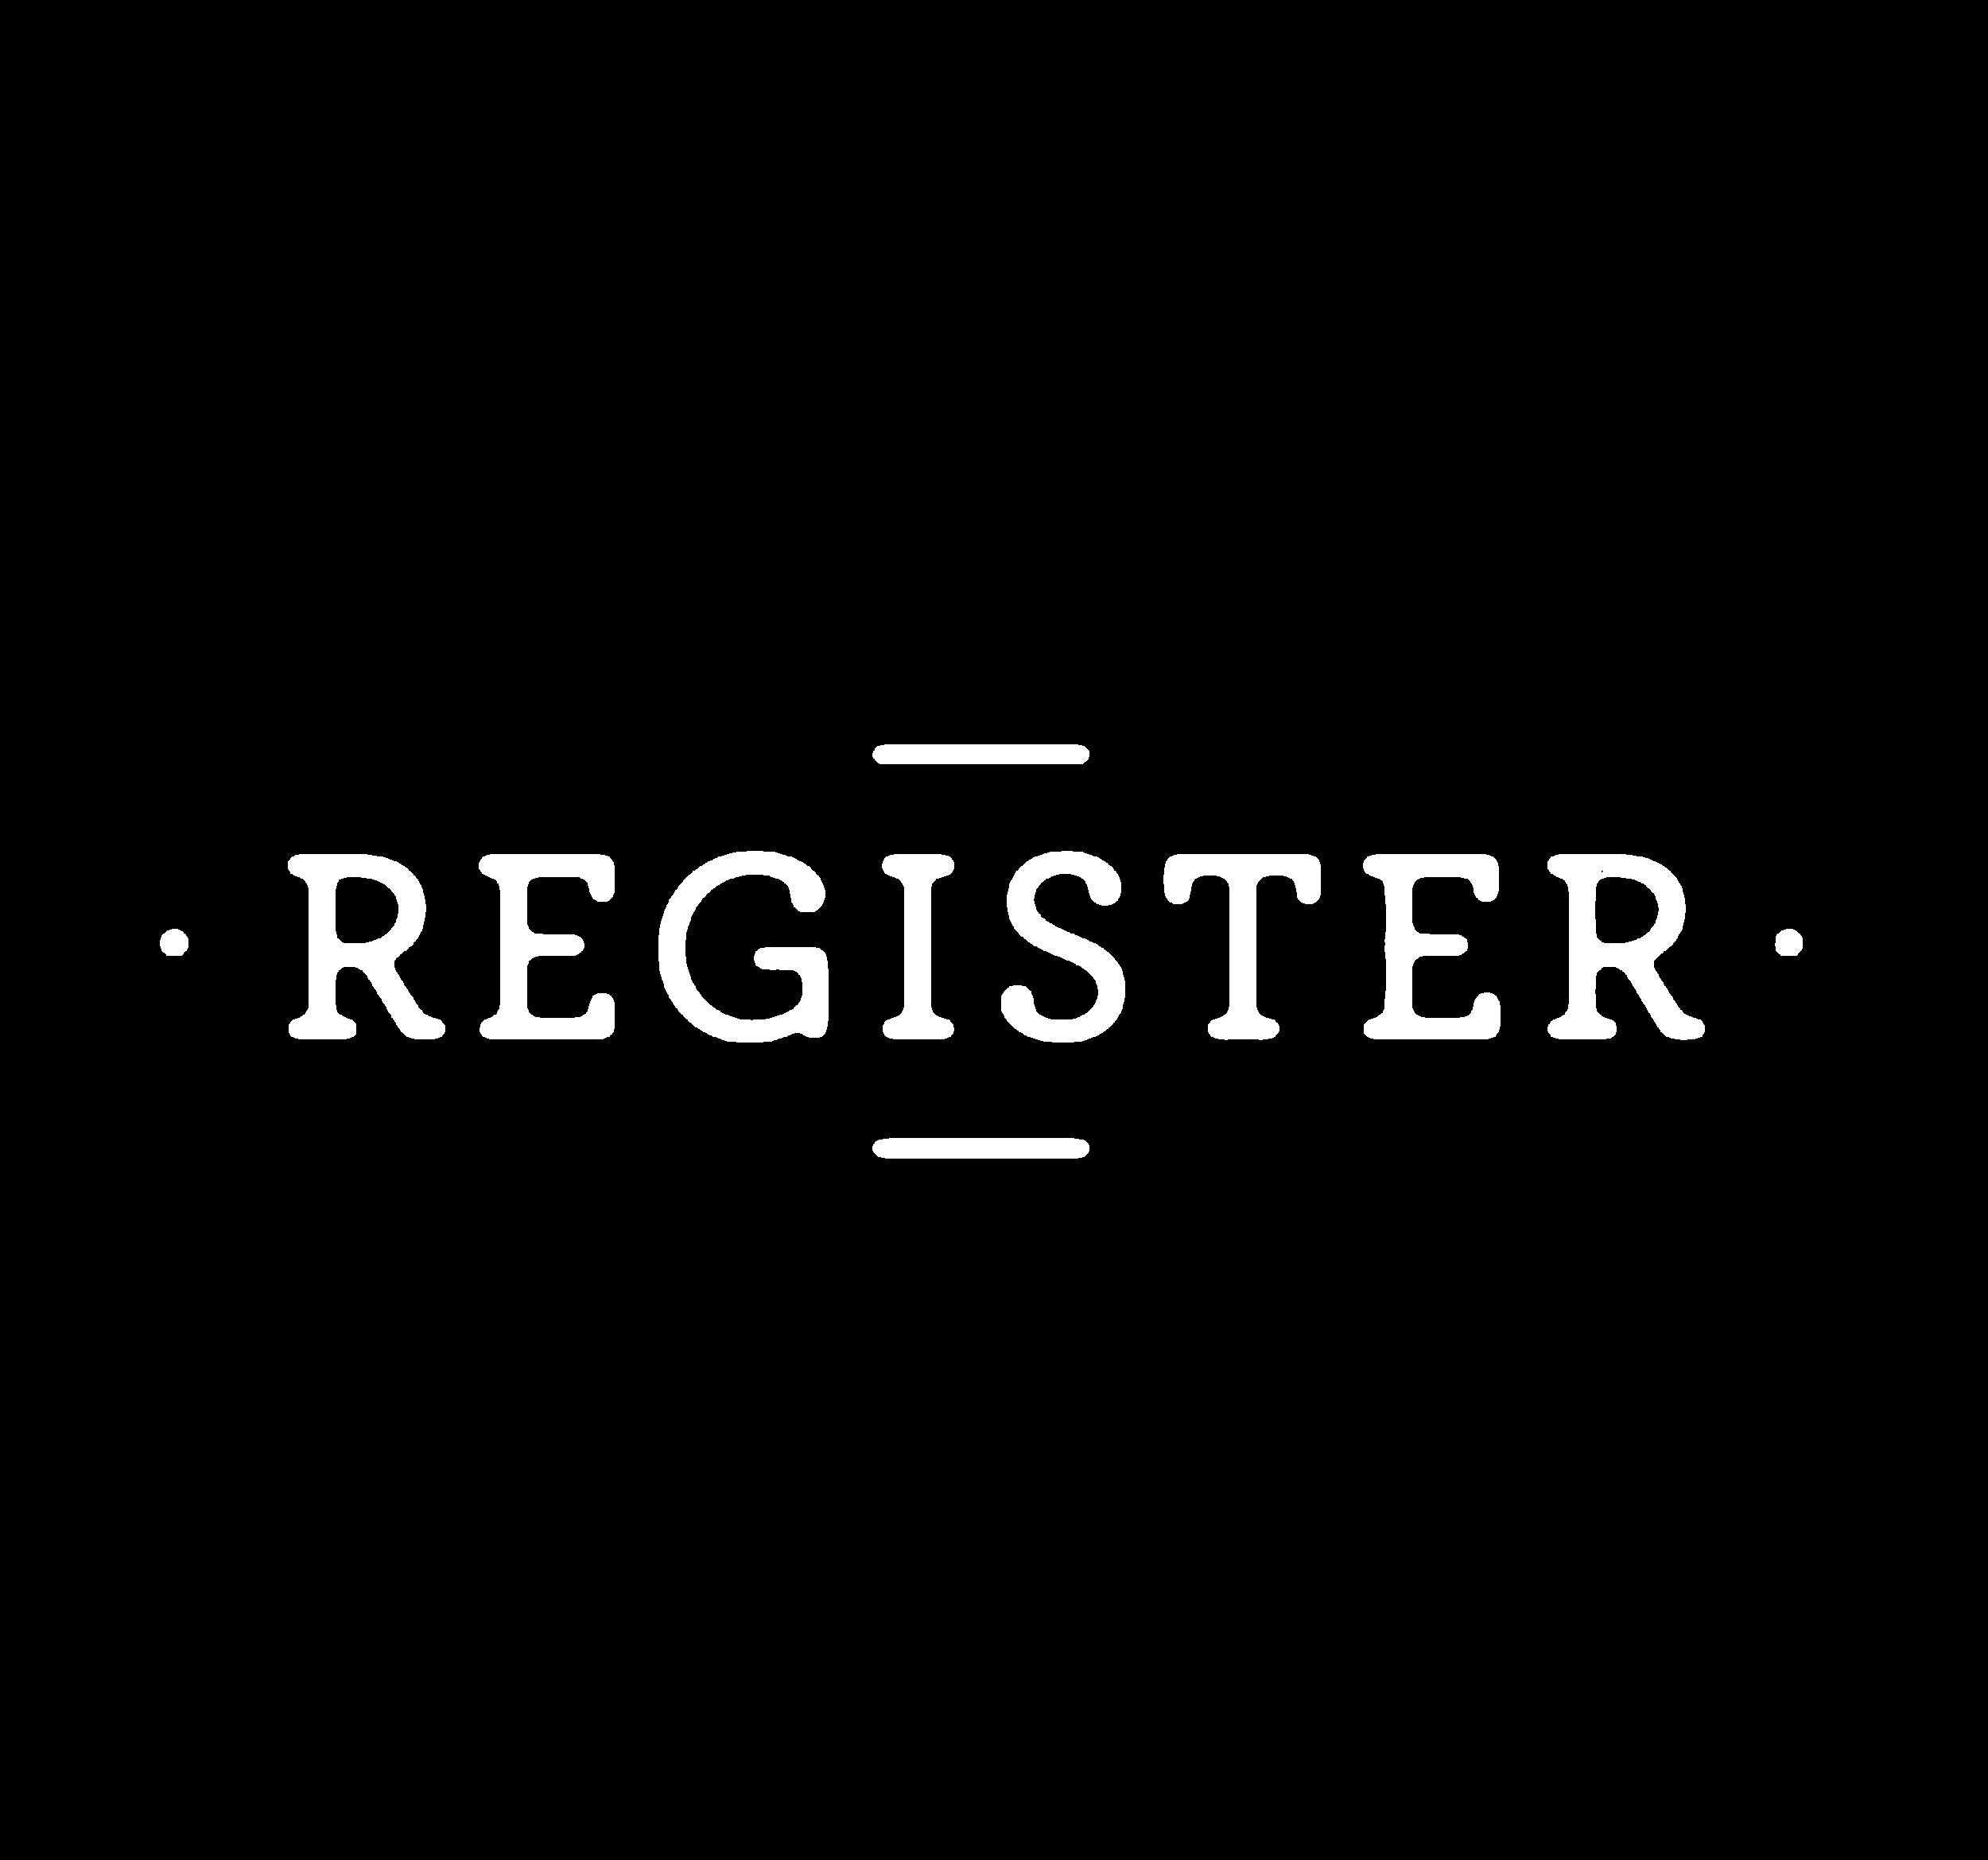 Register-White.png